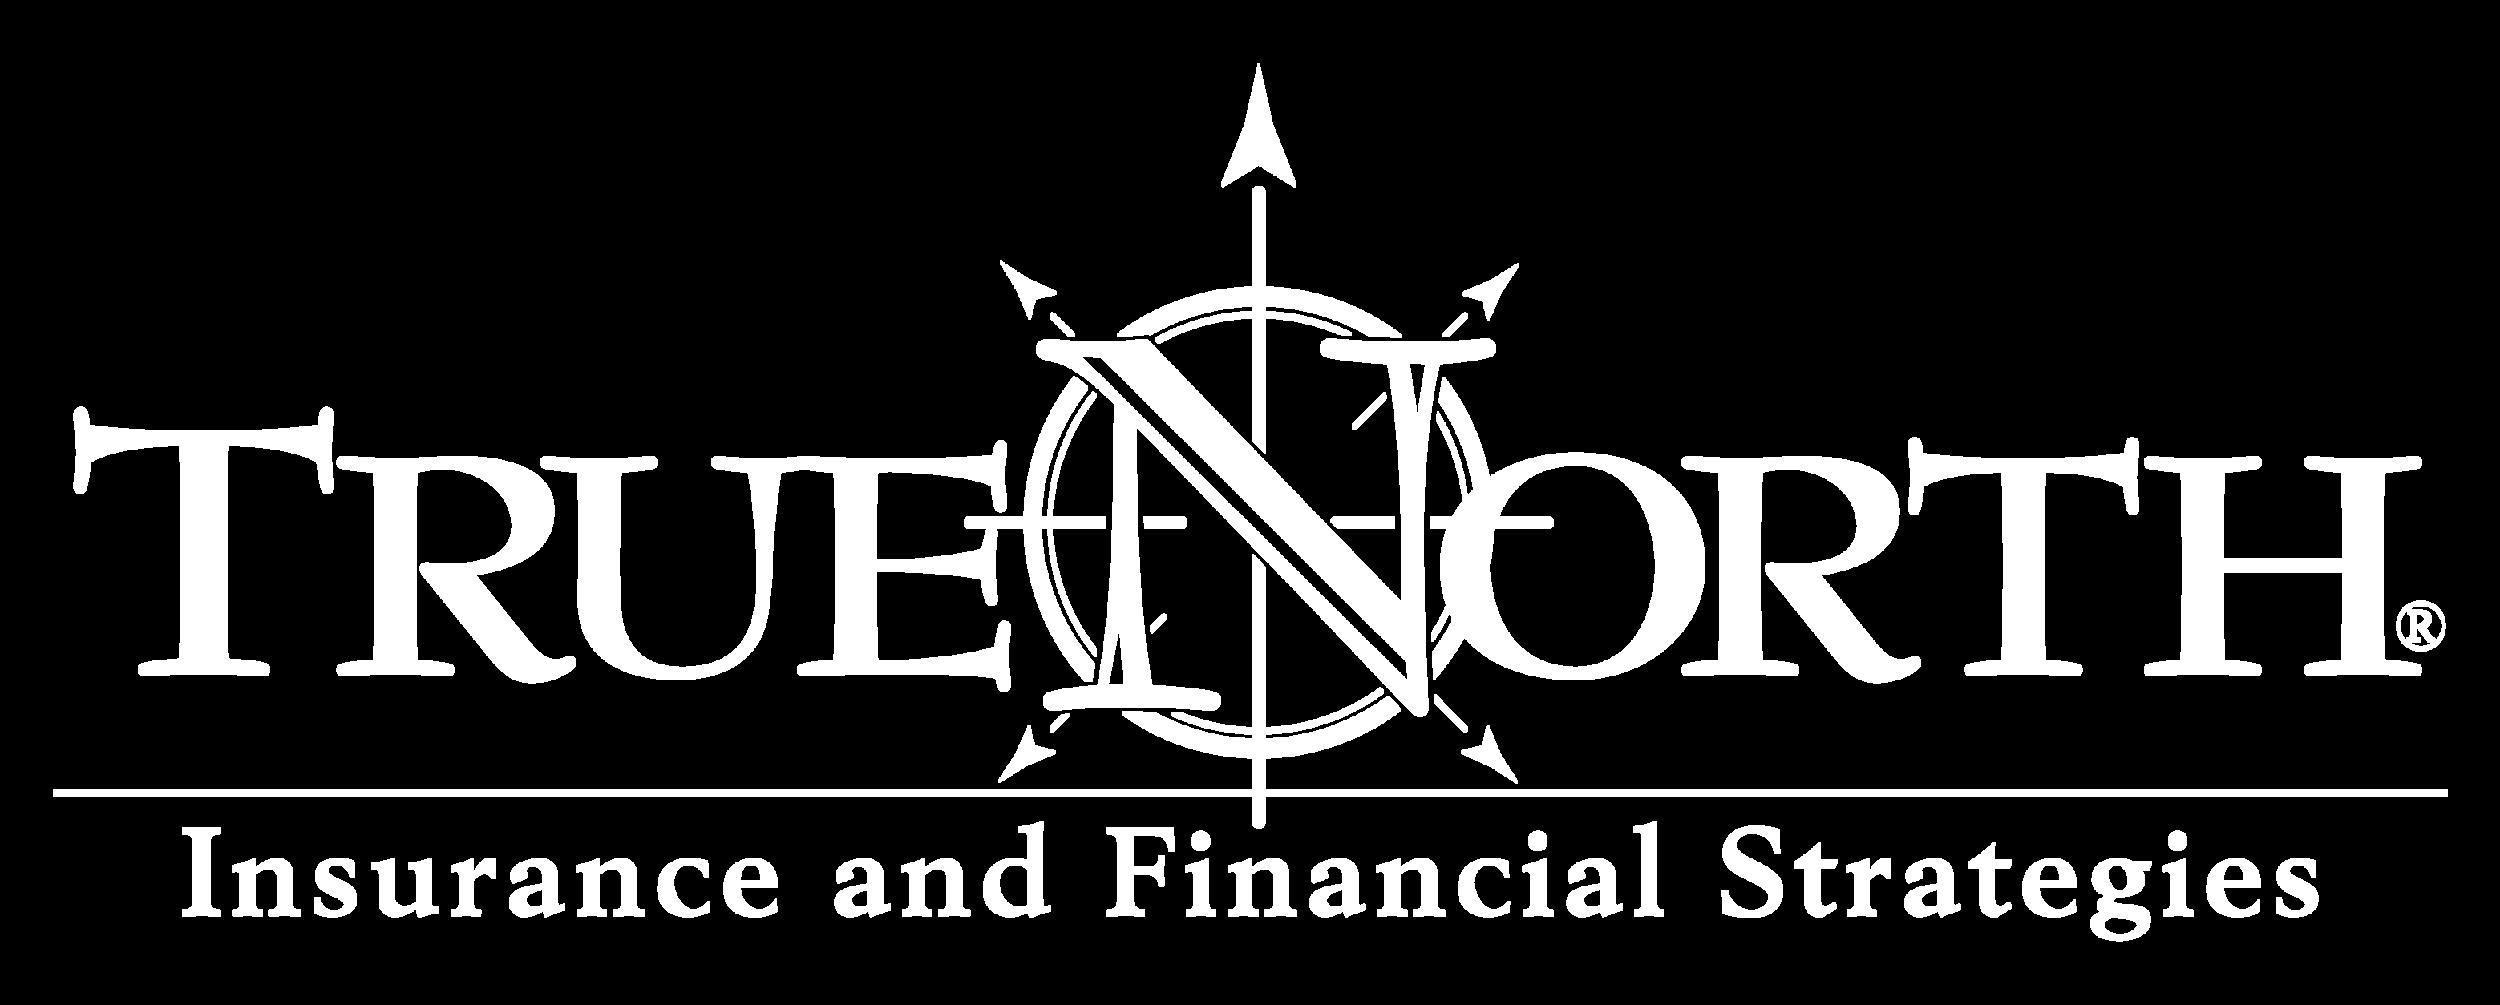 truenorth-logo white.png